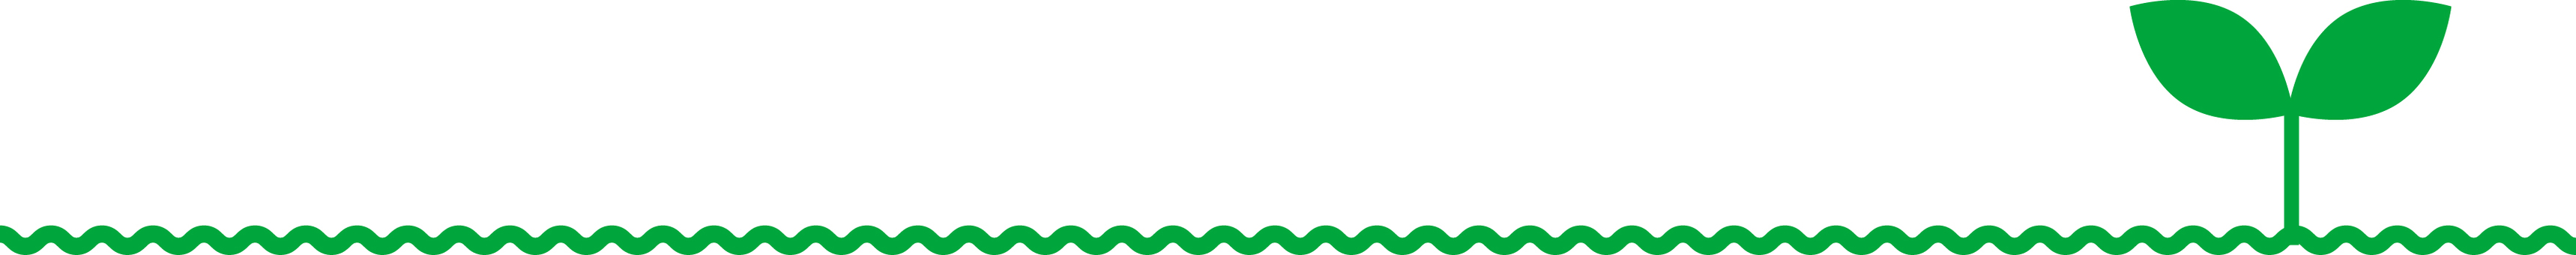 후타바 (라인)